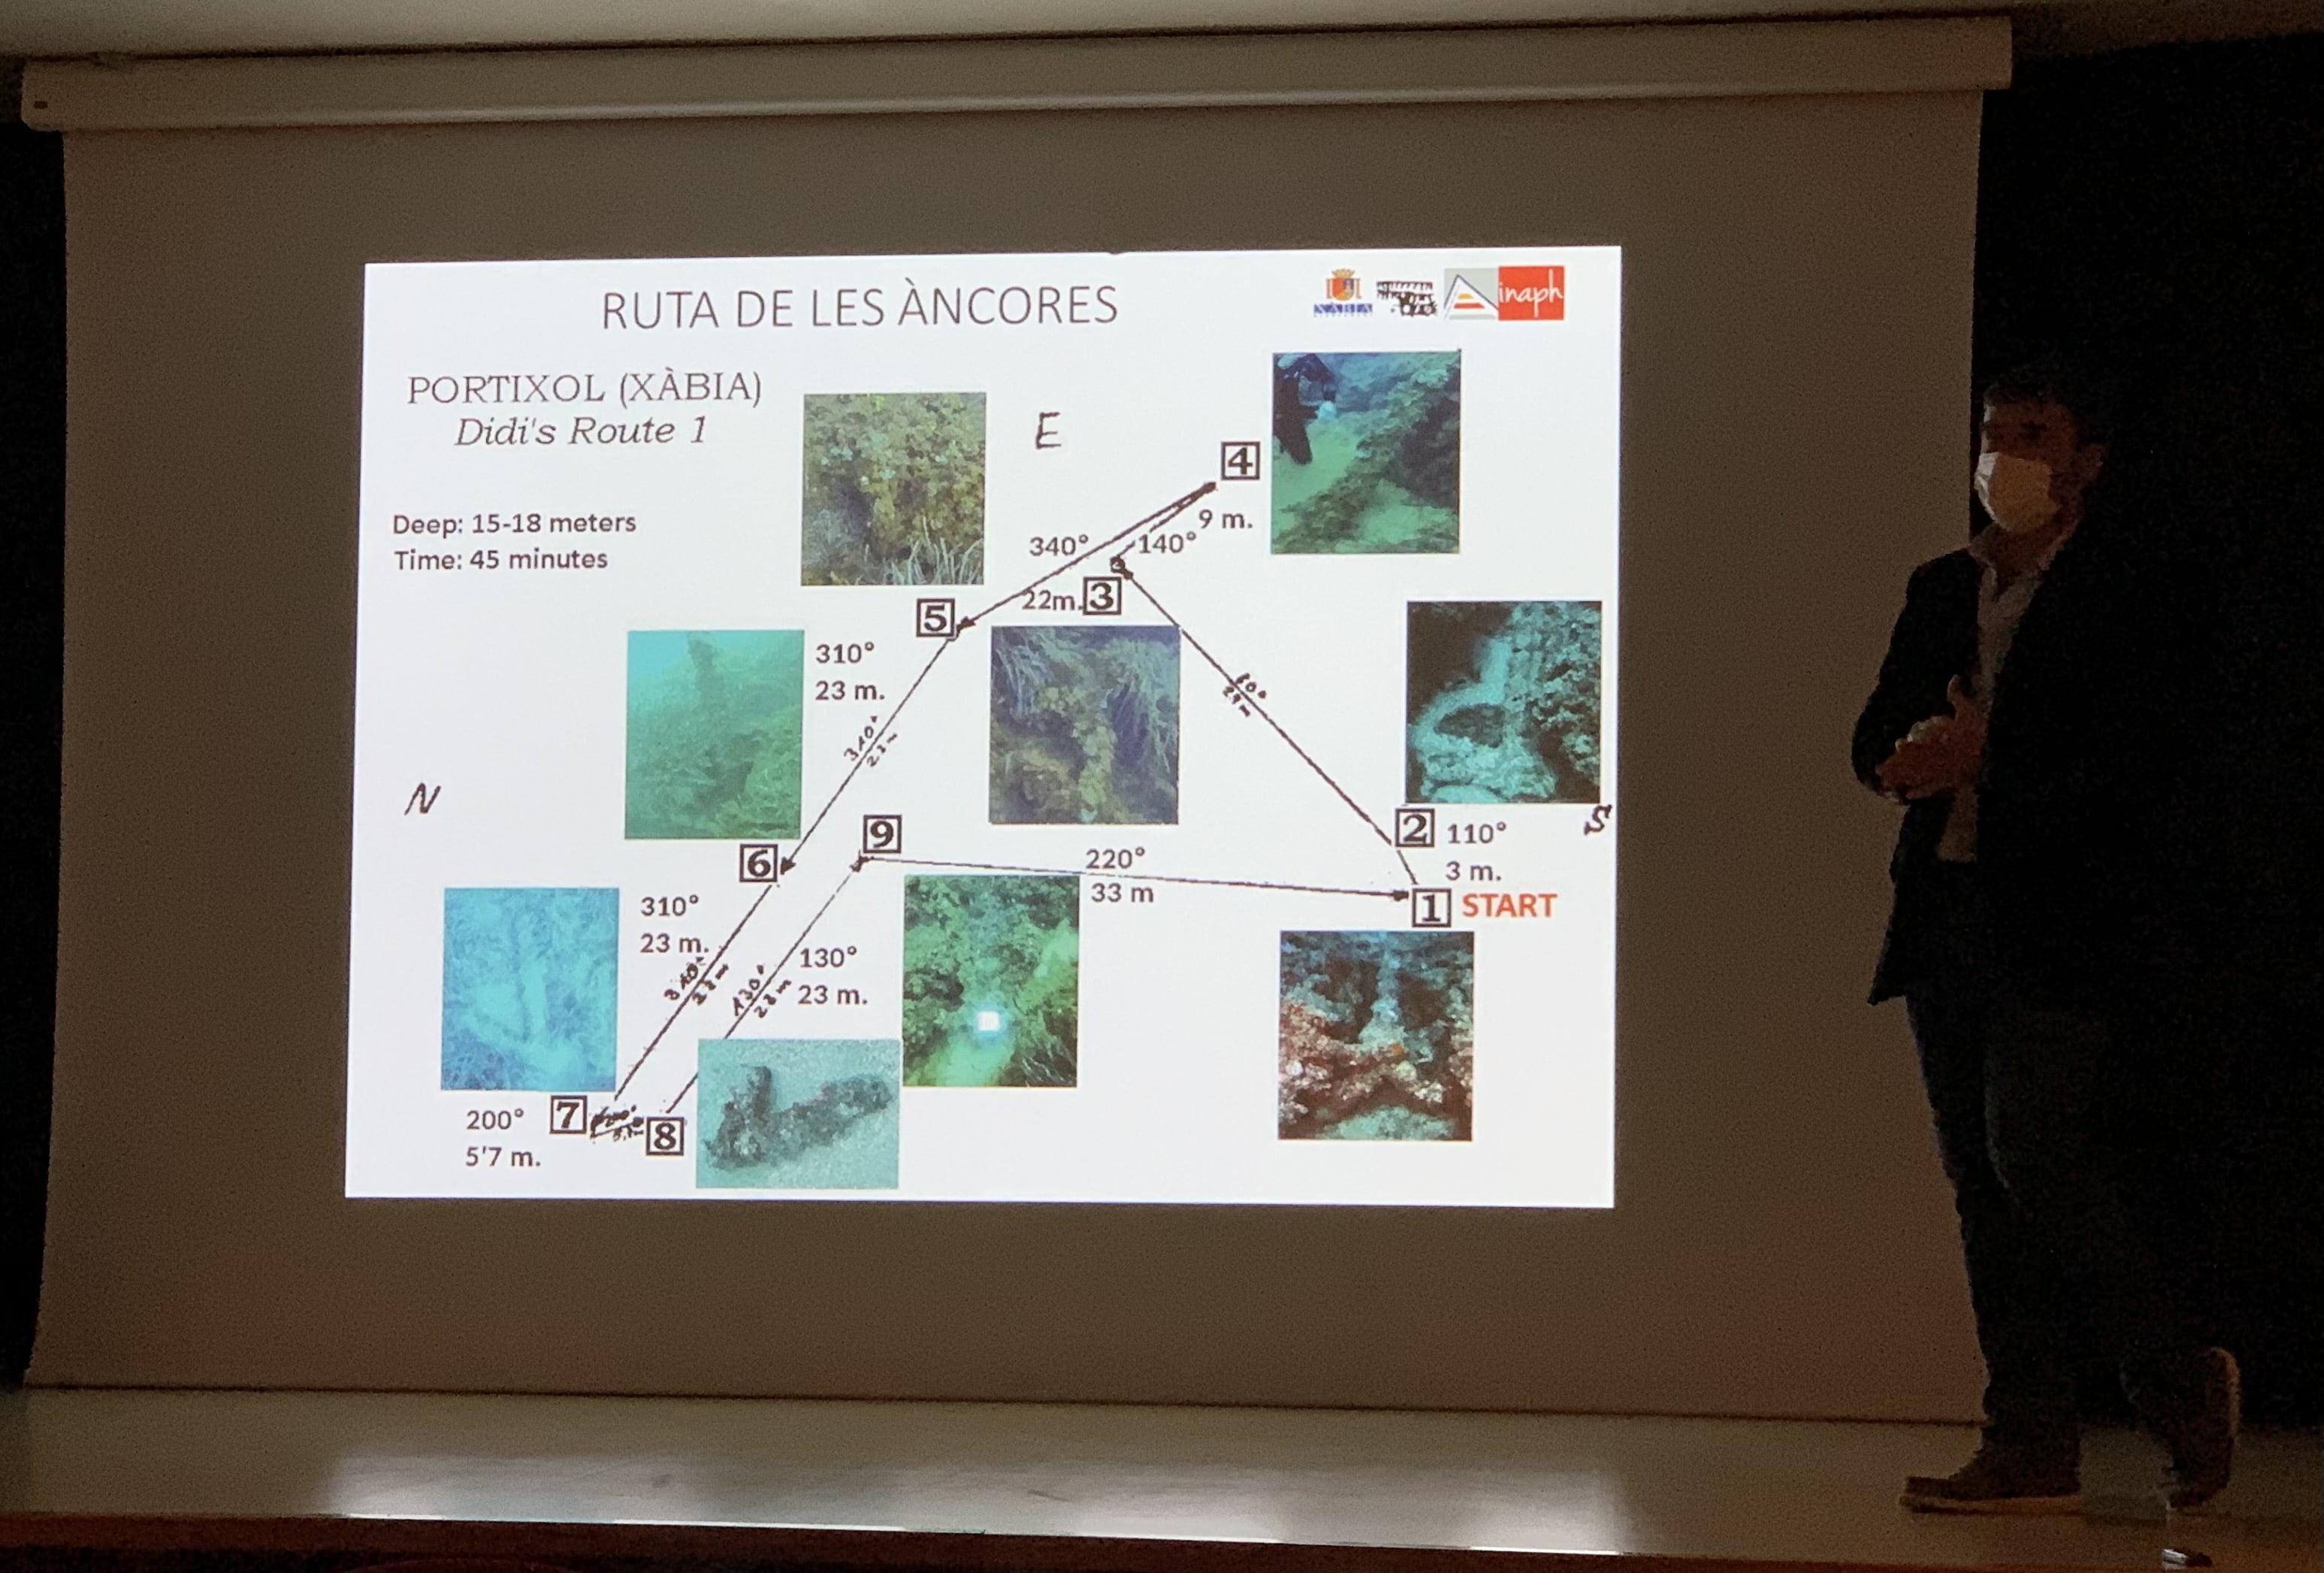 Ruta de las anclas halladas en el fondo marino